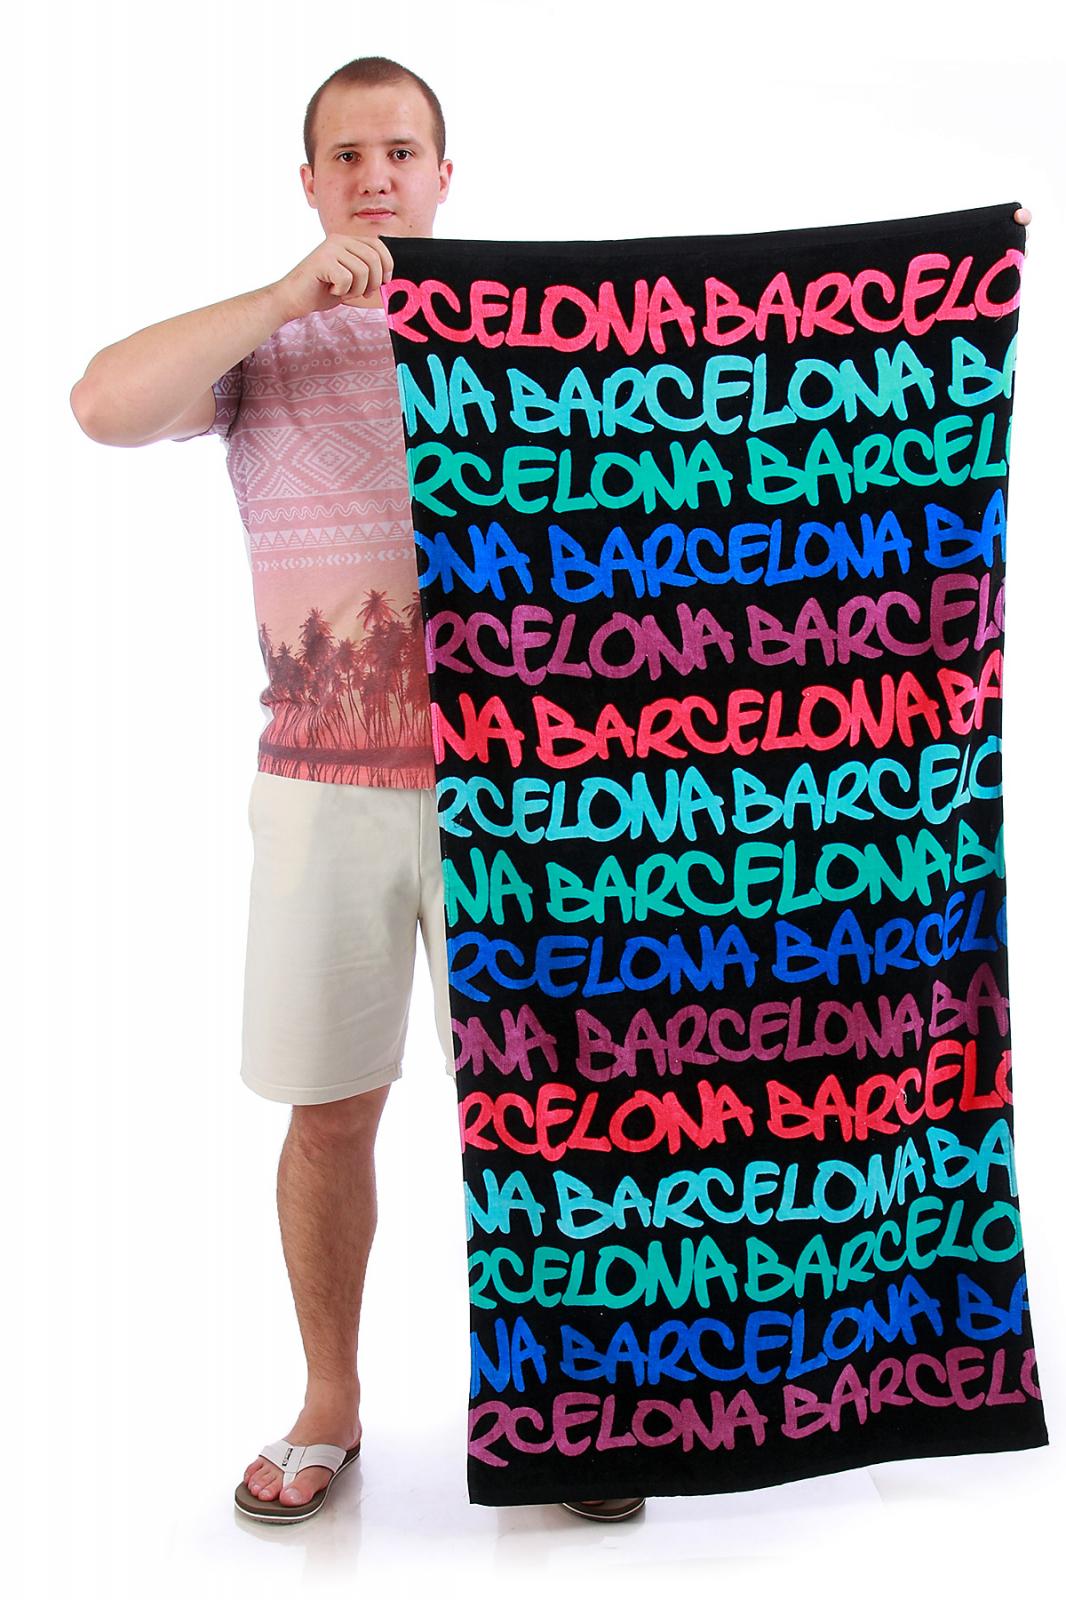 Полотенце Barcelona - купить с доставкой недорого